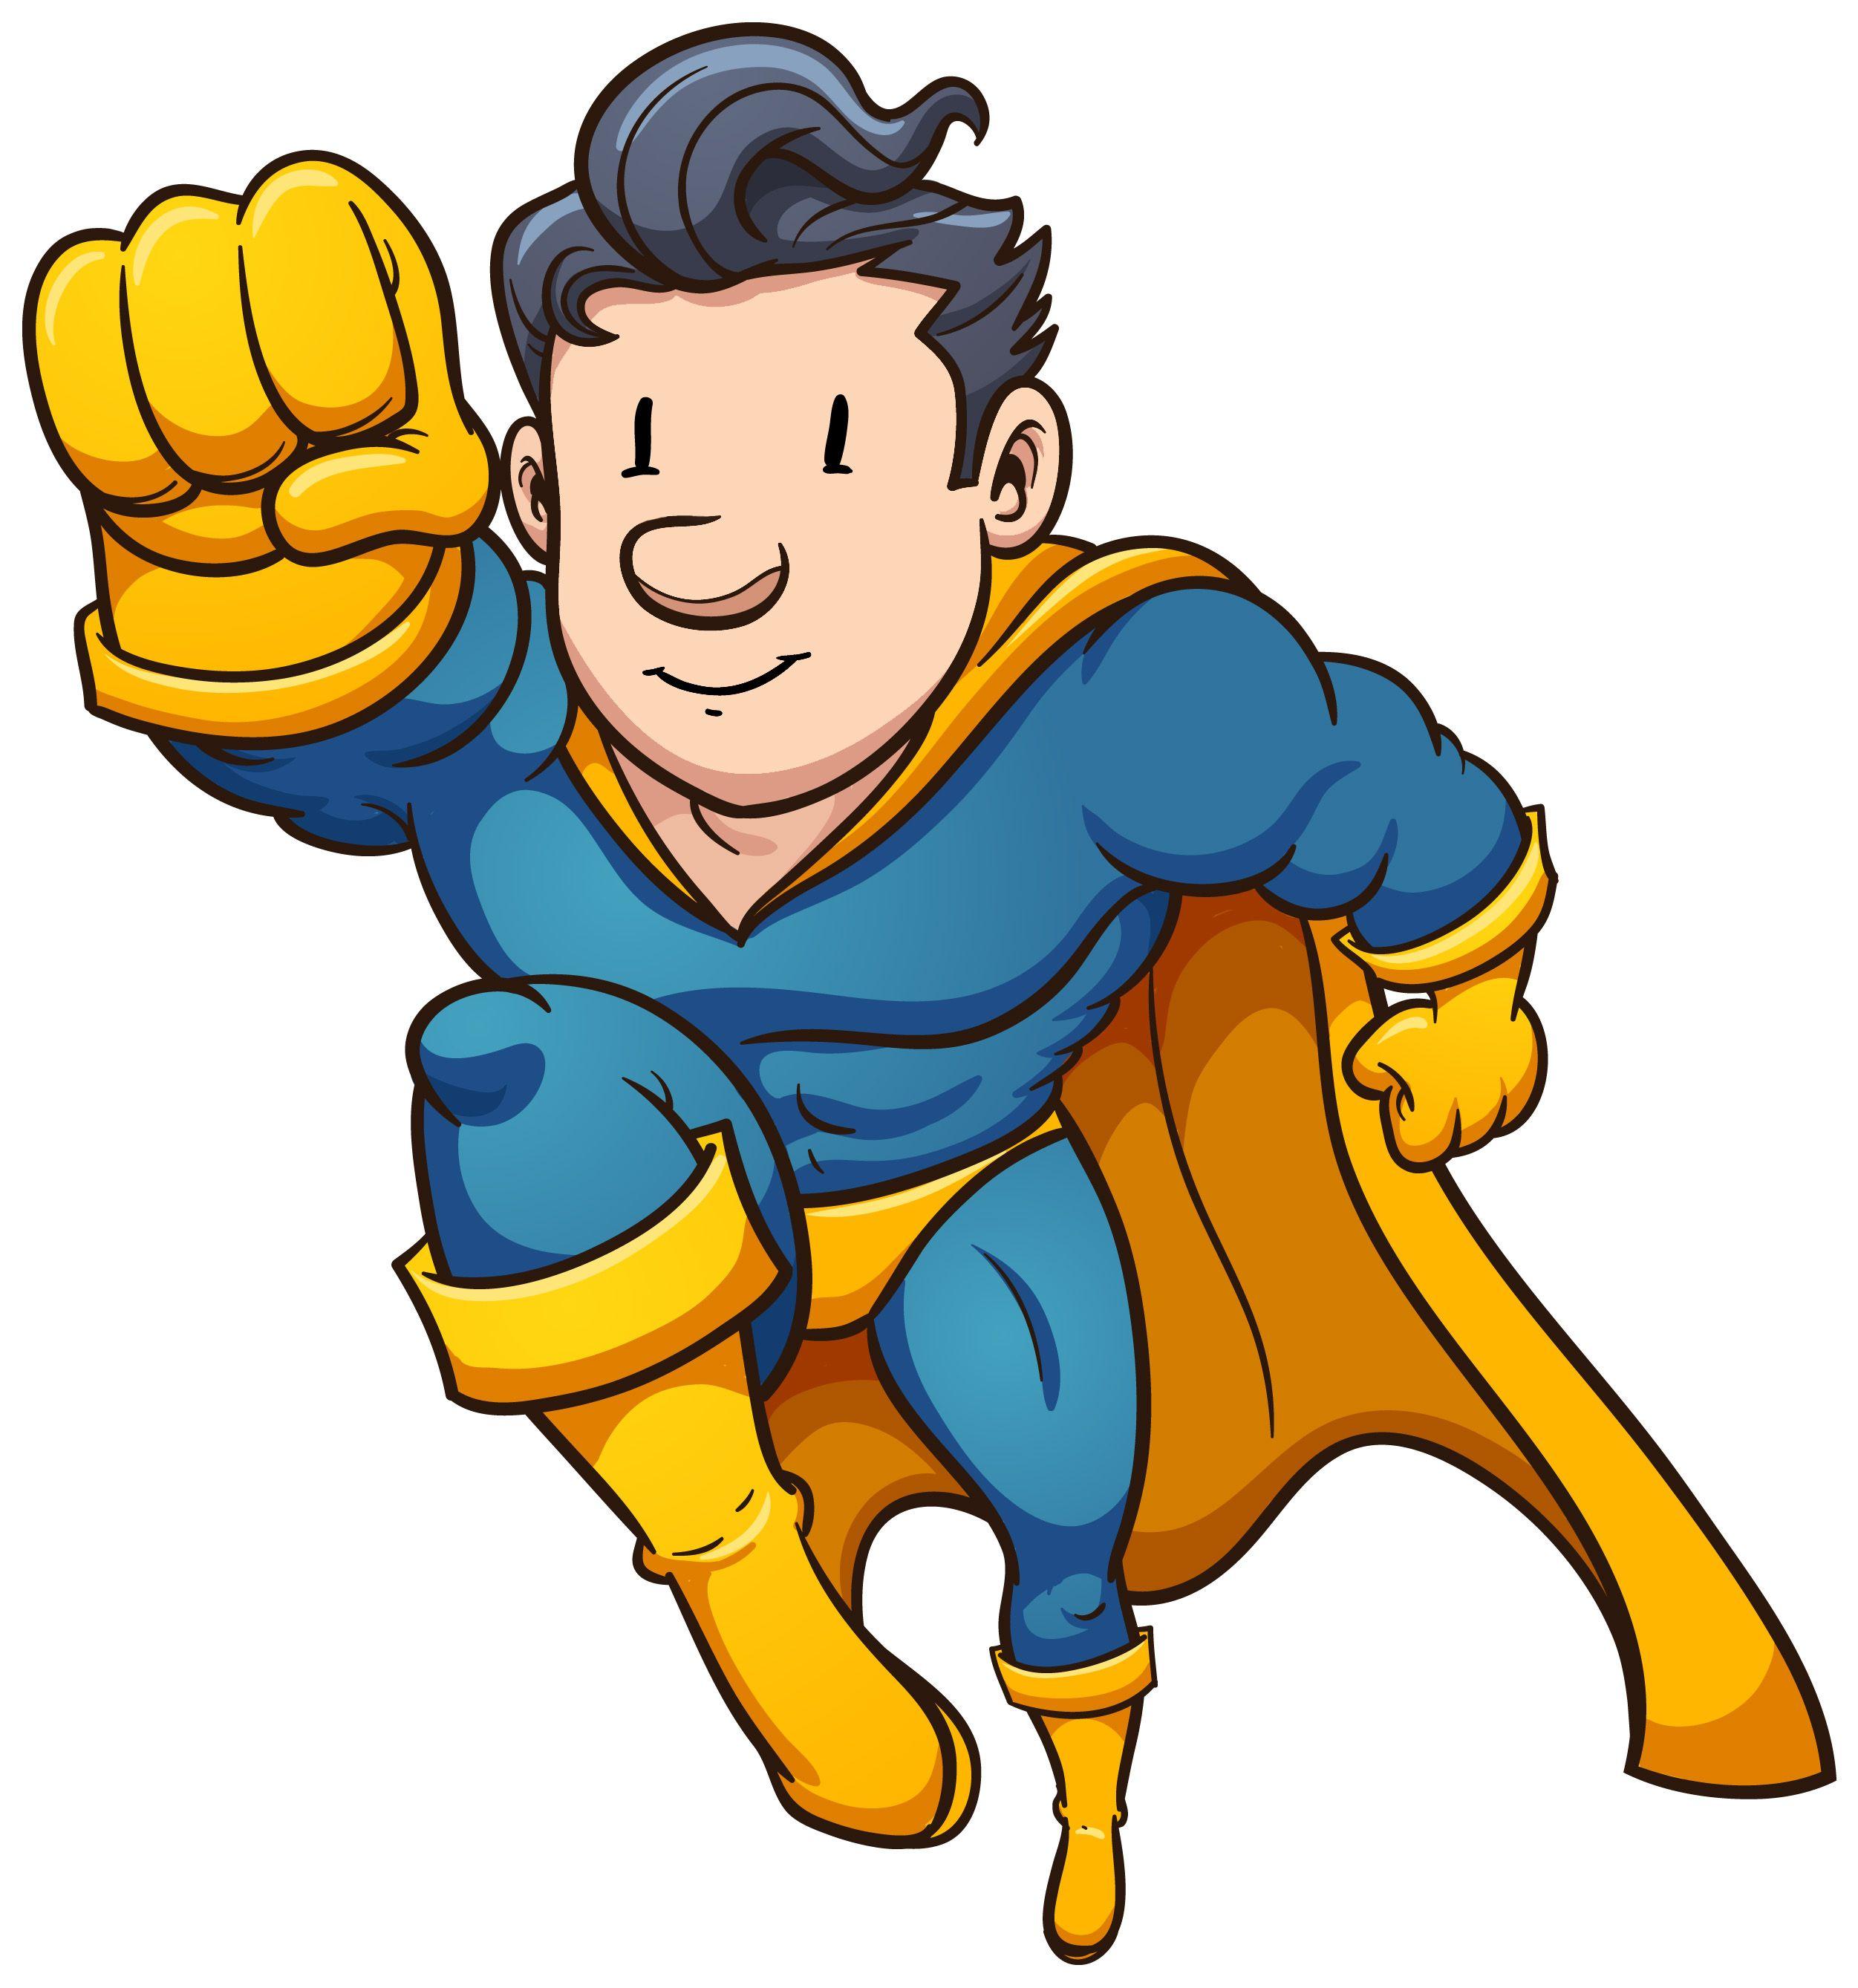 dc superhero clipart at getdrawings com free for personal use dc rh getdrawings com superhero clipart family superhero clipart free download